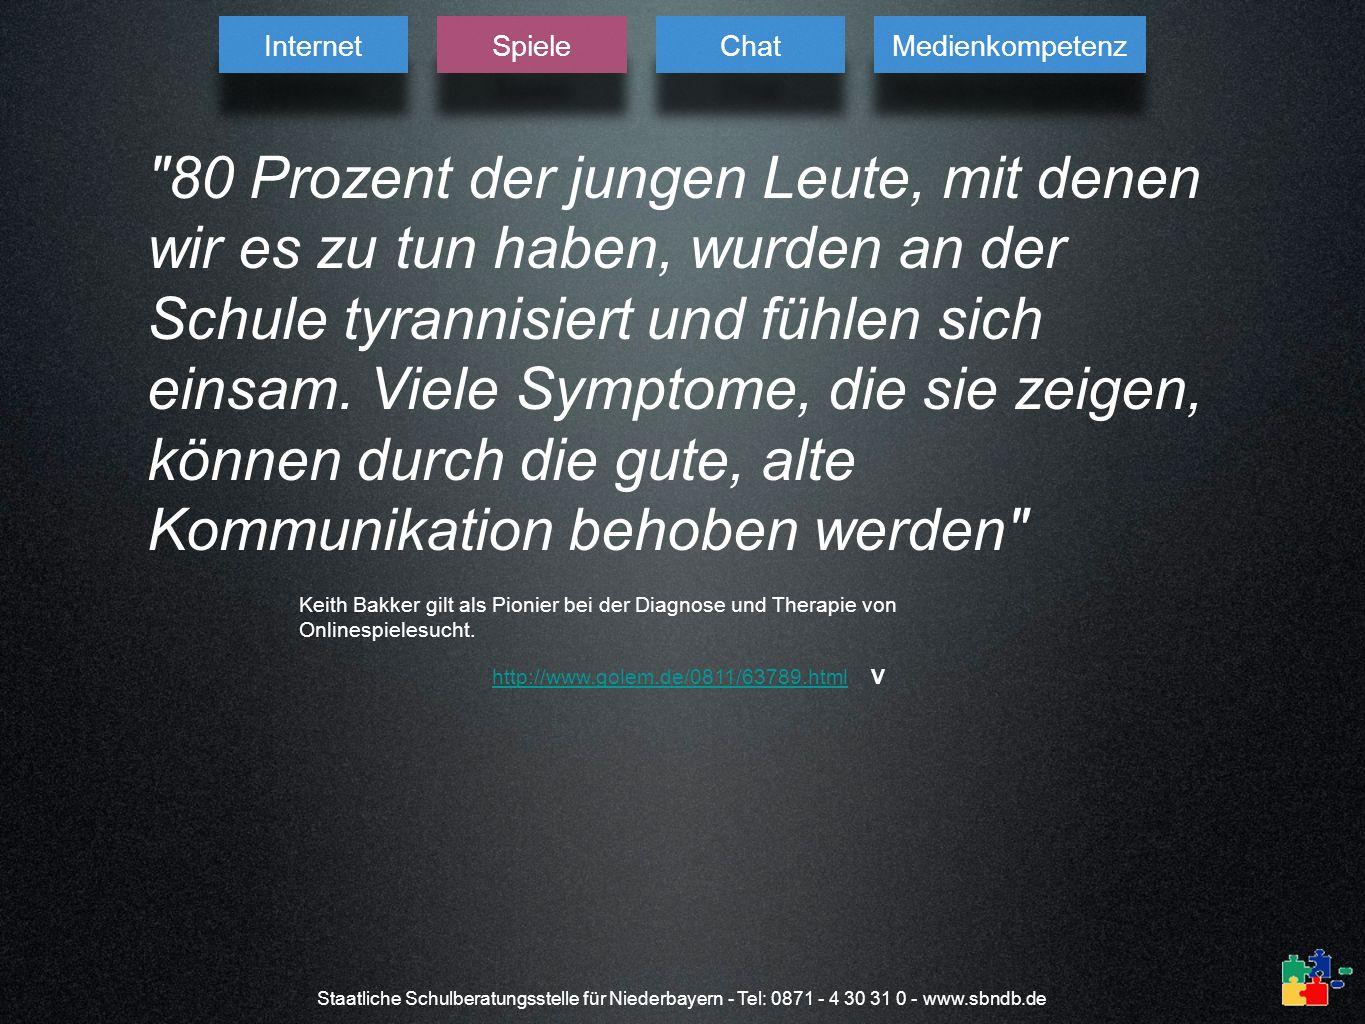 Staatliche Schulberatungsstelle für Niederbayern - Tel: 0871 - 4 30 31 0 - www.sbndb.de